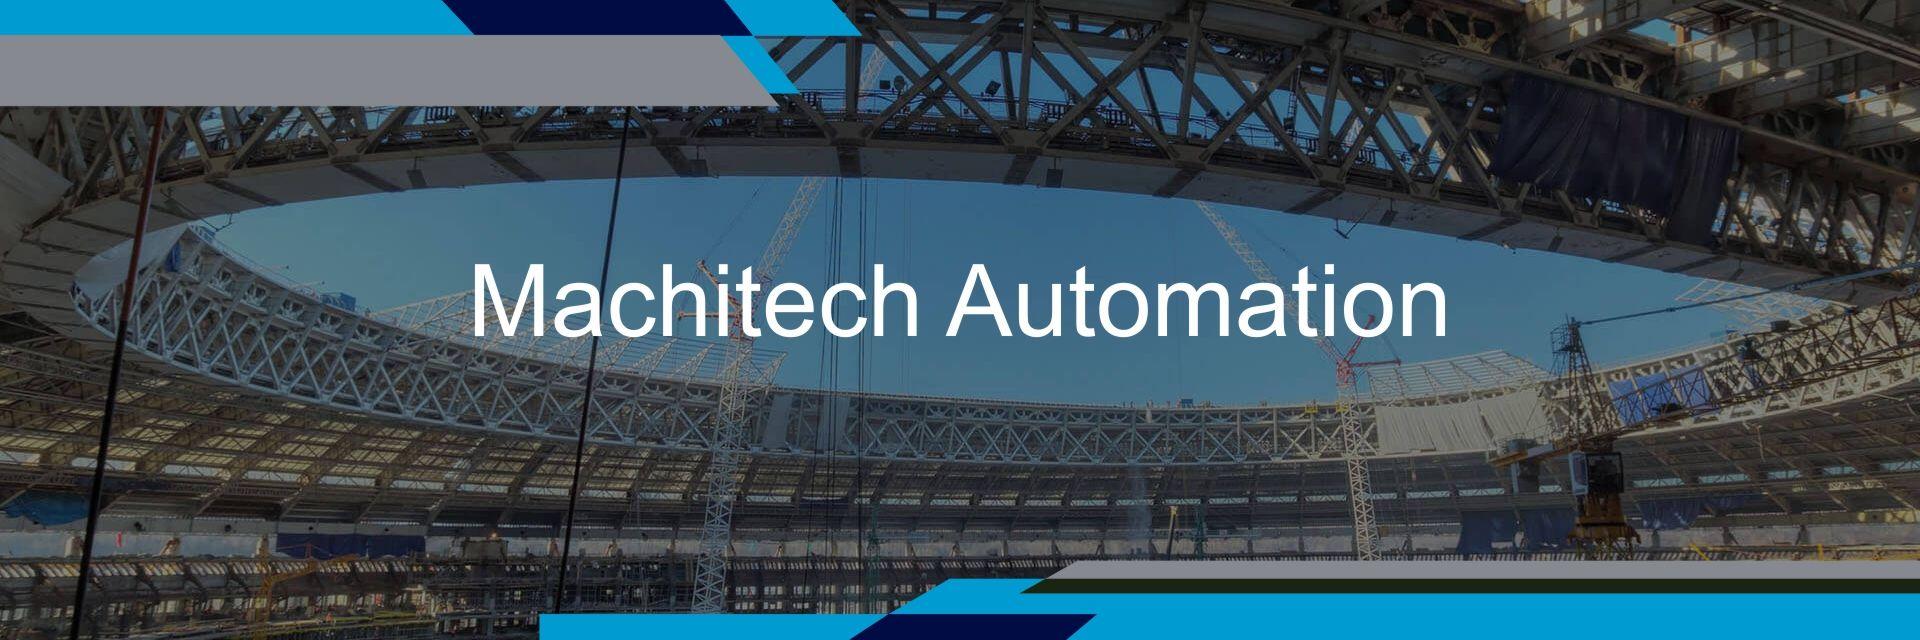 Machitech Automation